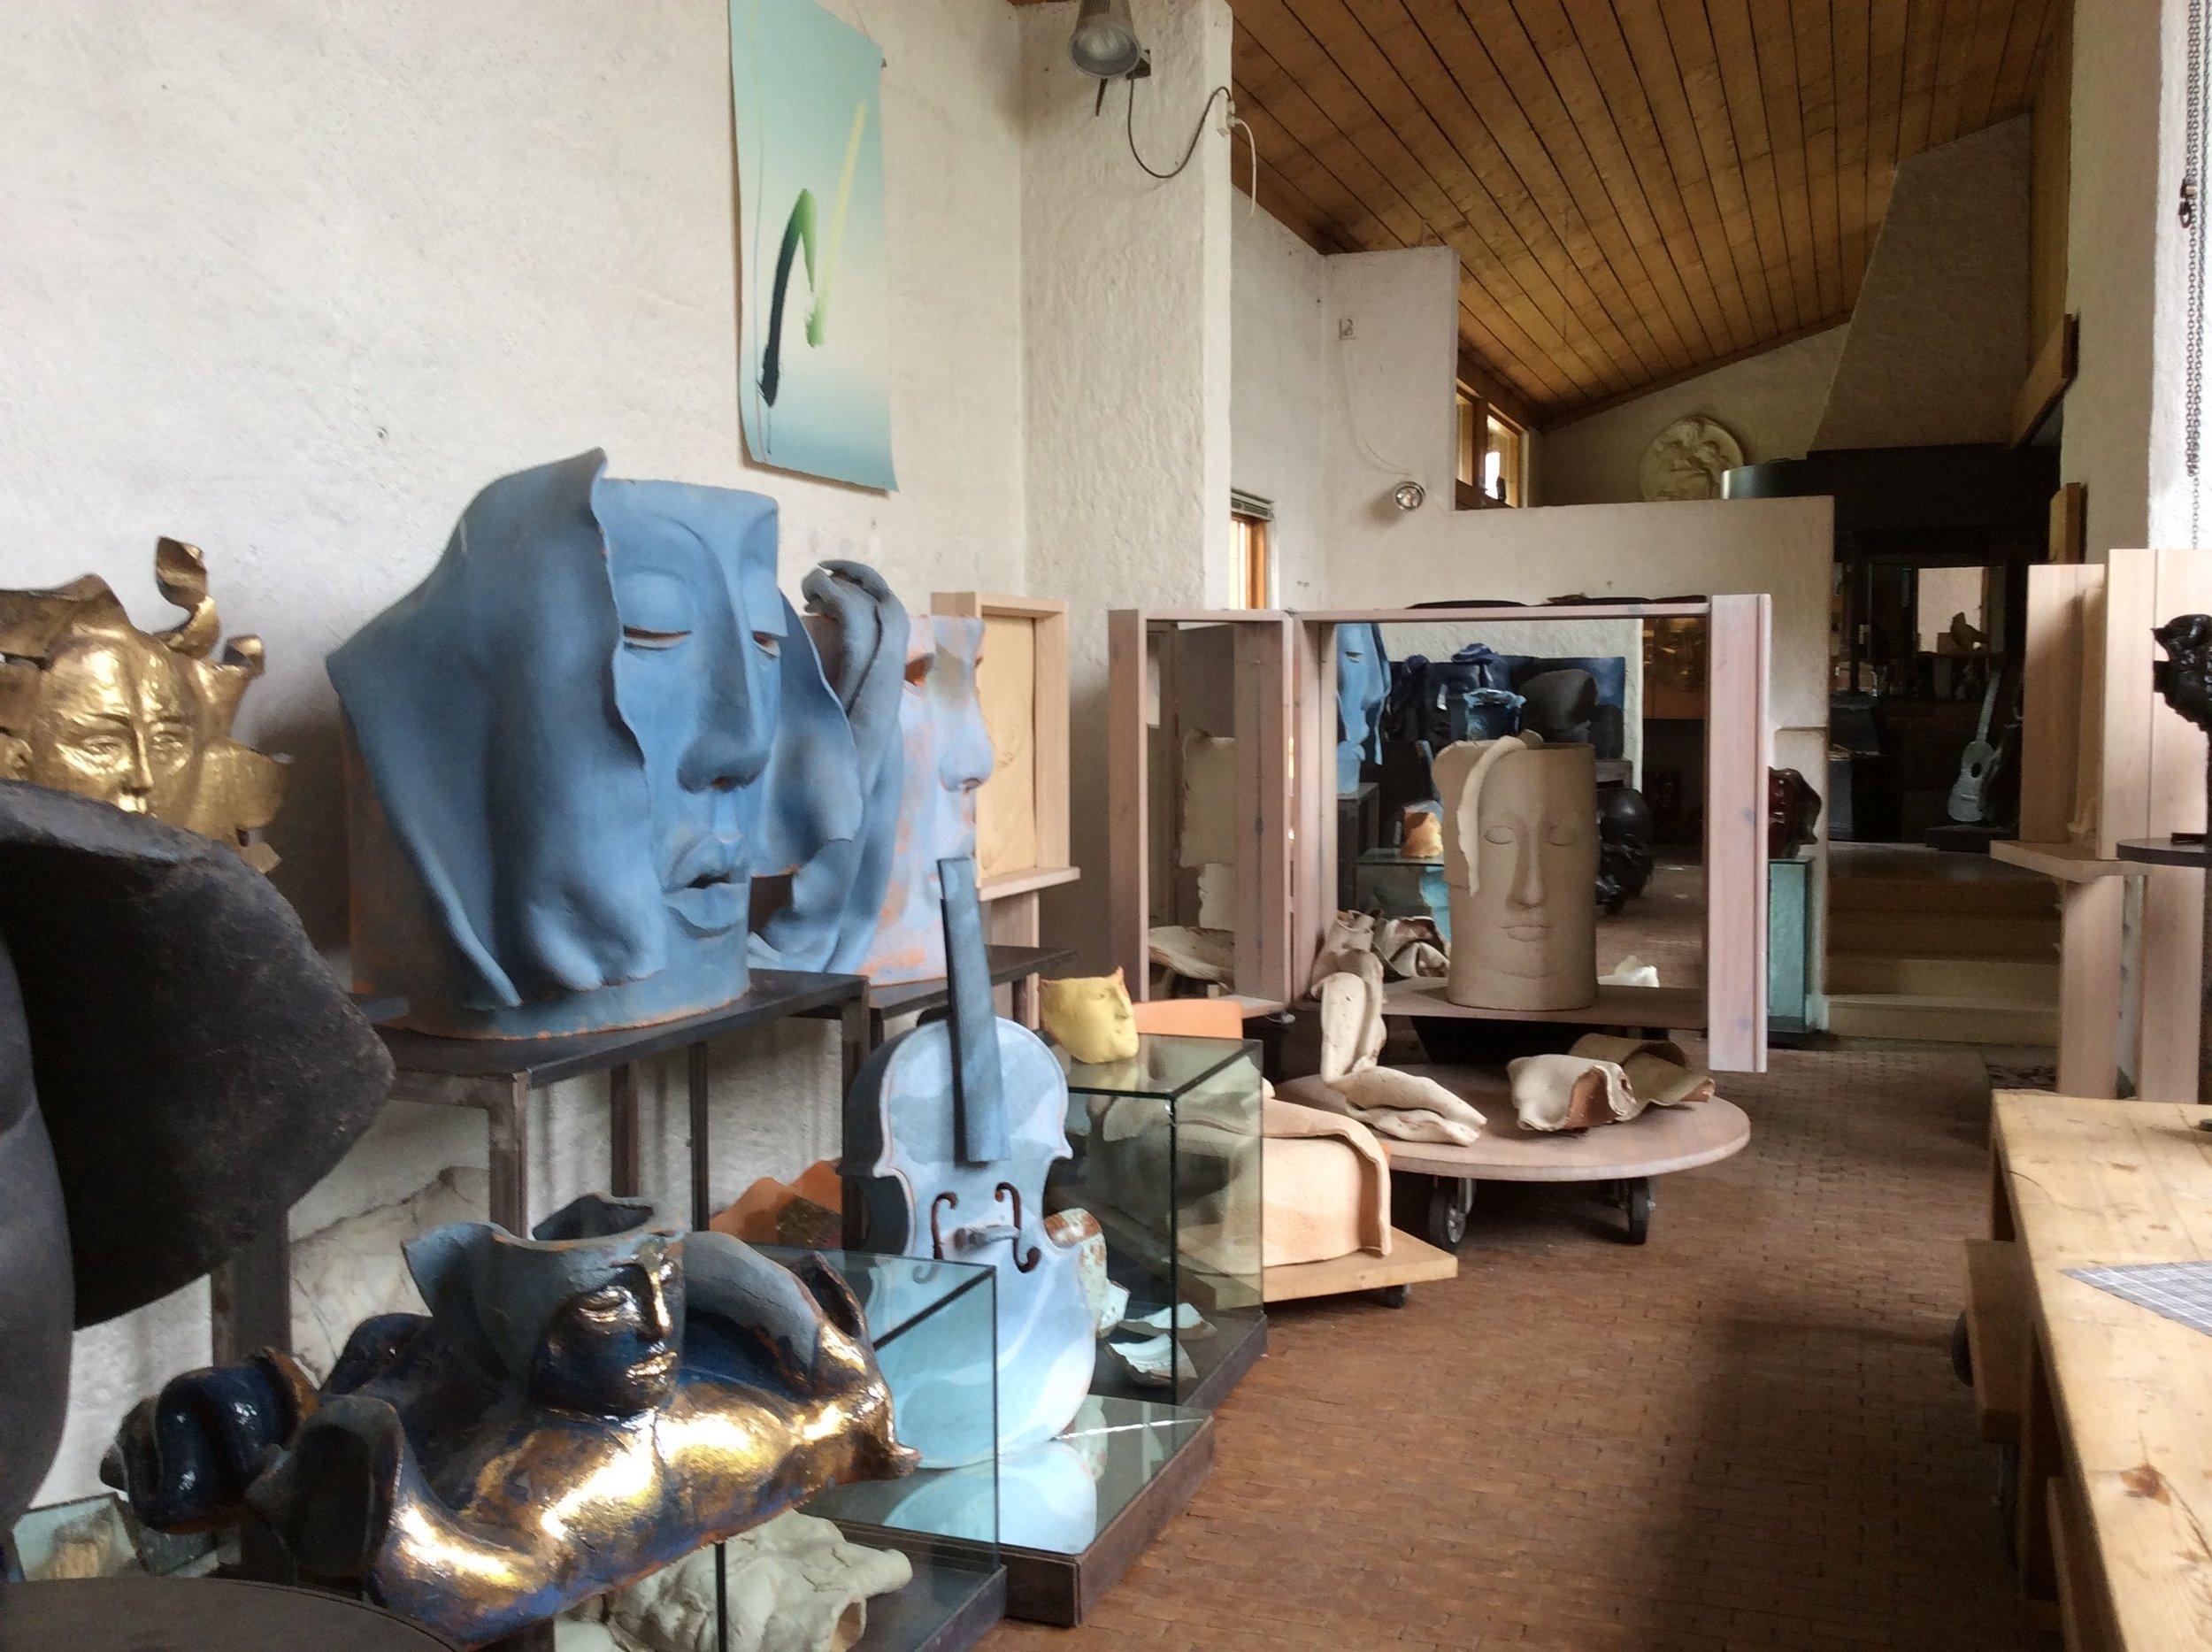 Från Hertha Hillfons ateljé och bostad i Mälarhöjden.